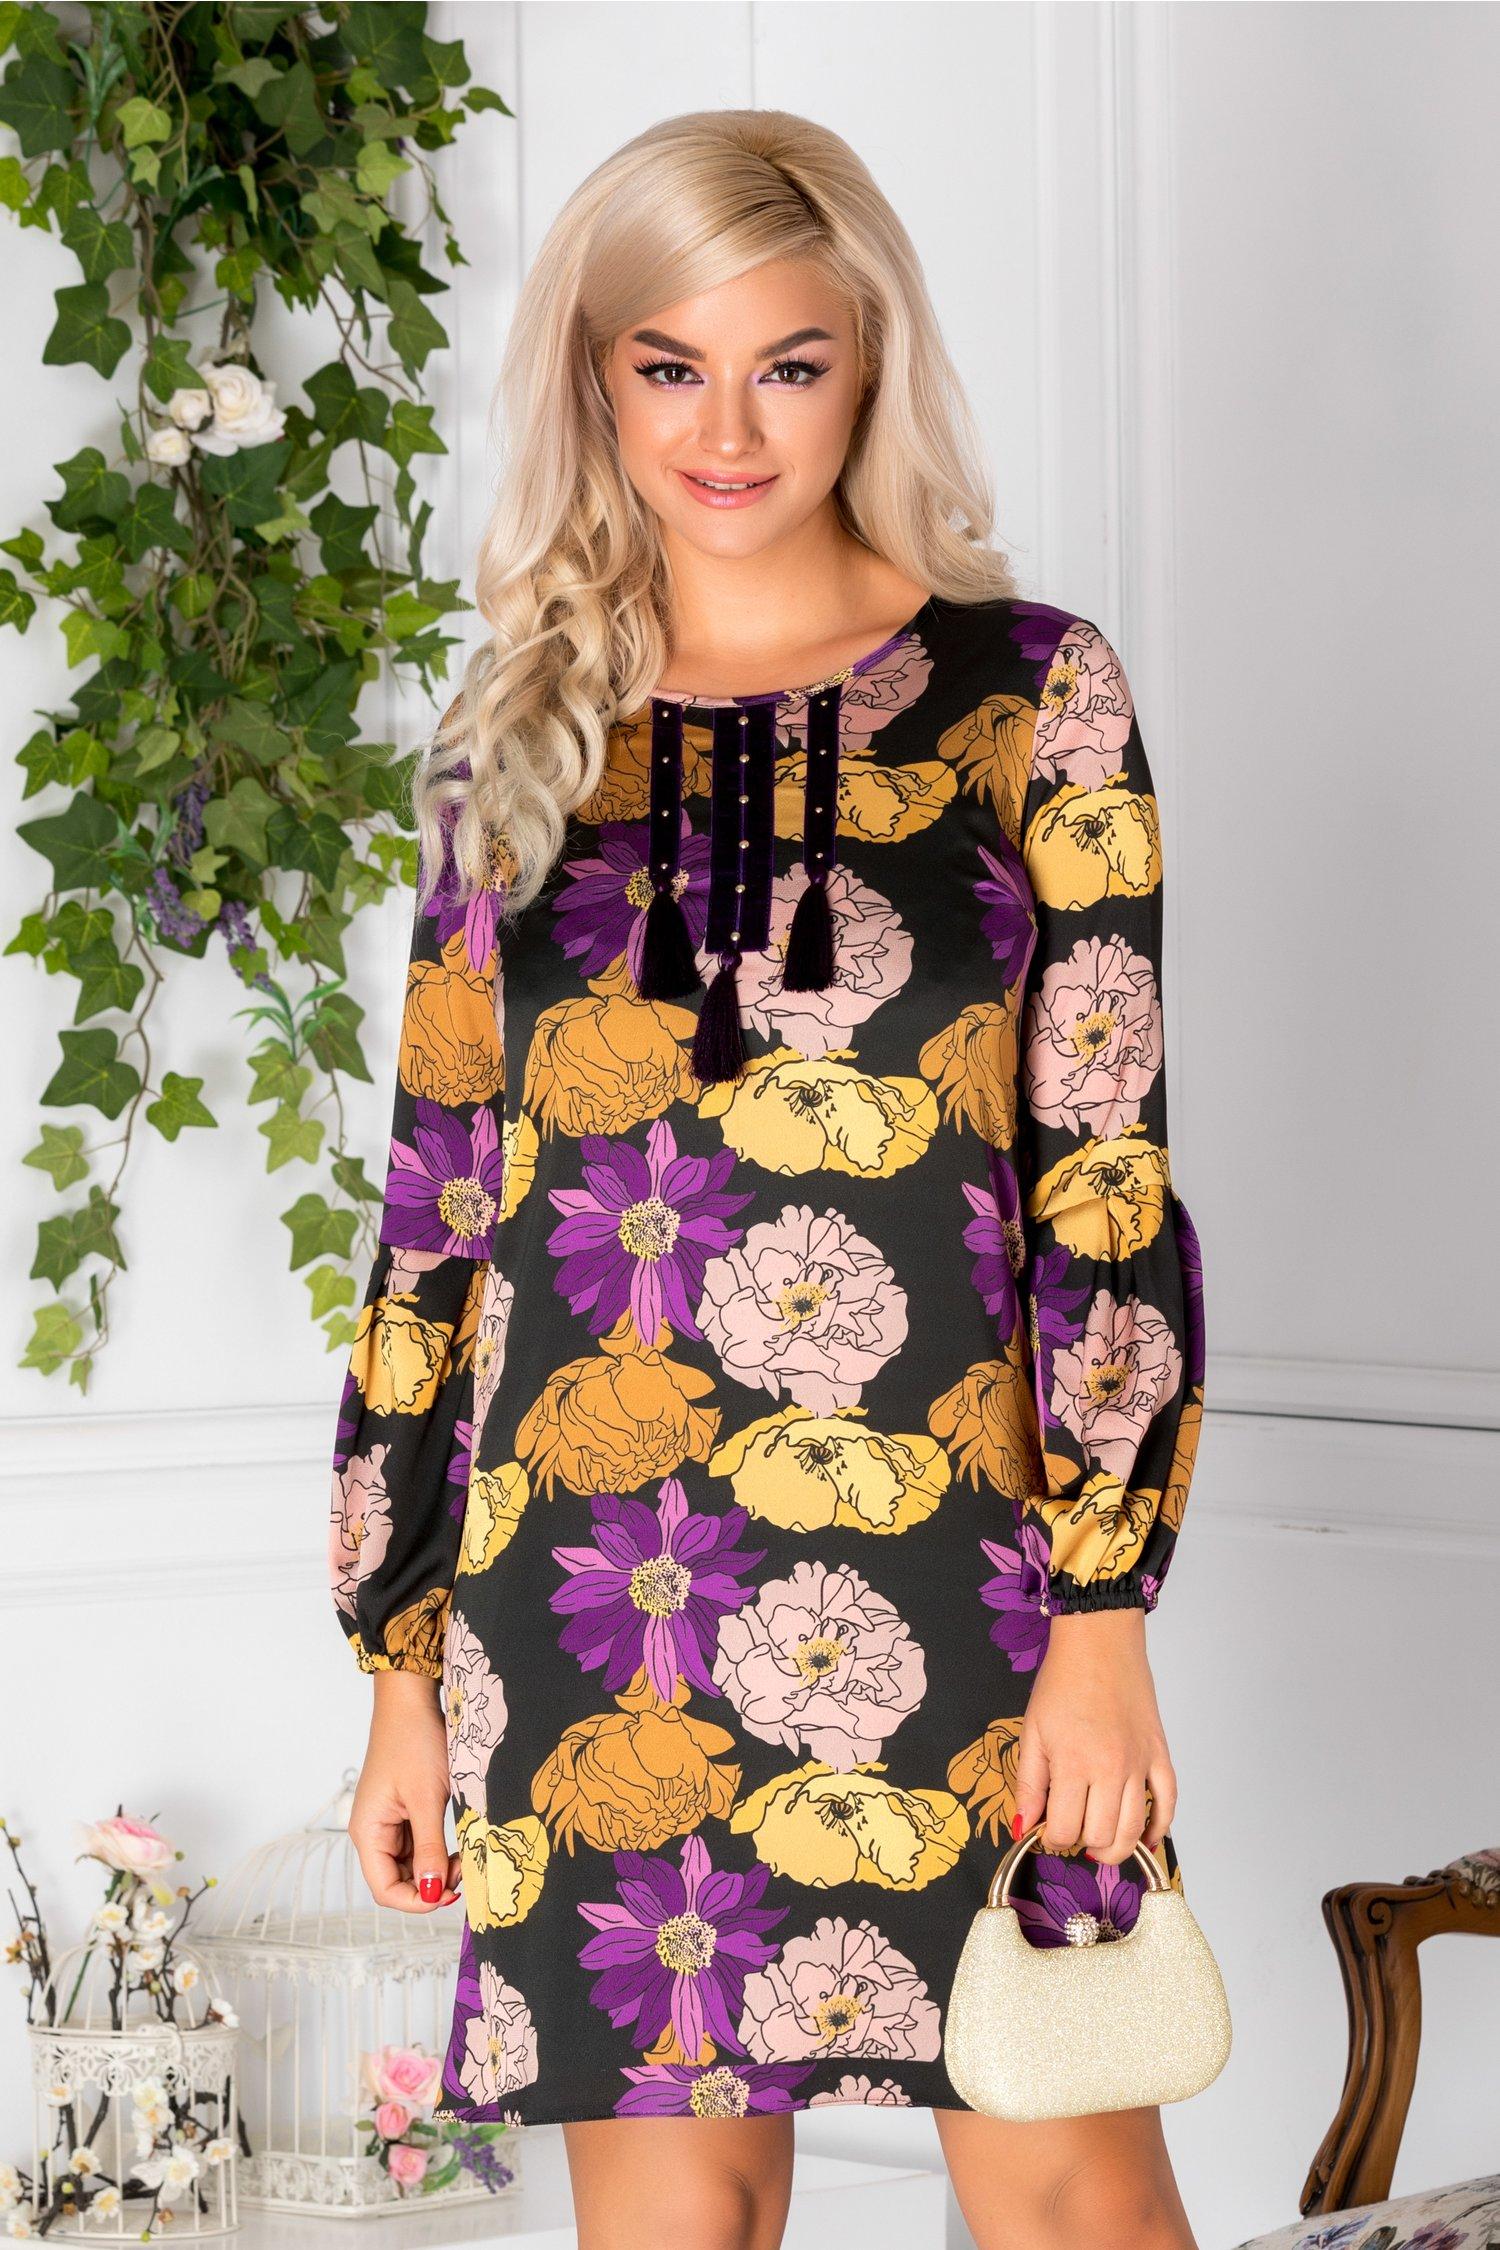 Rochie LaDonna neagra cu flori mari colorate